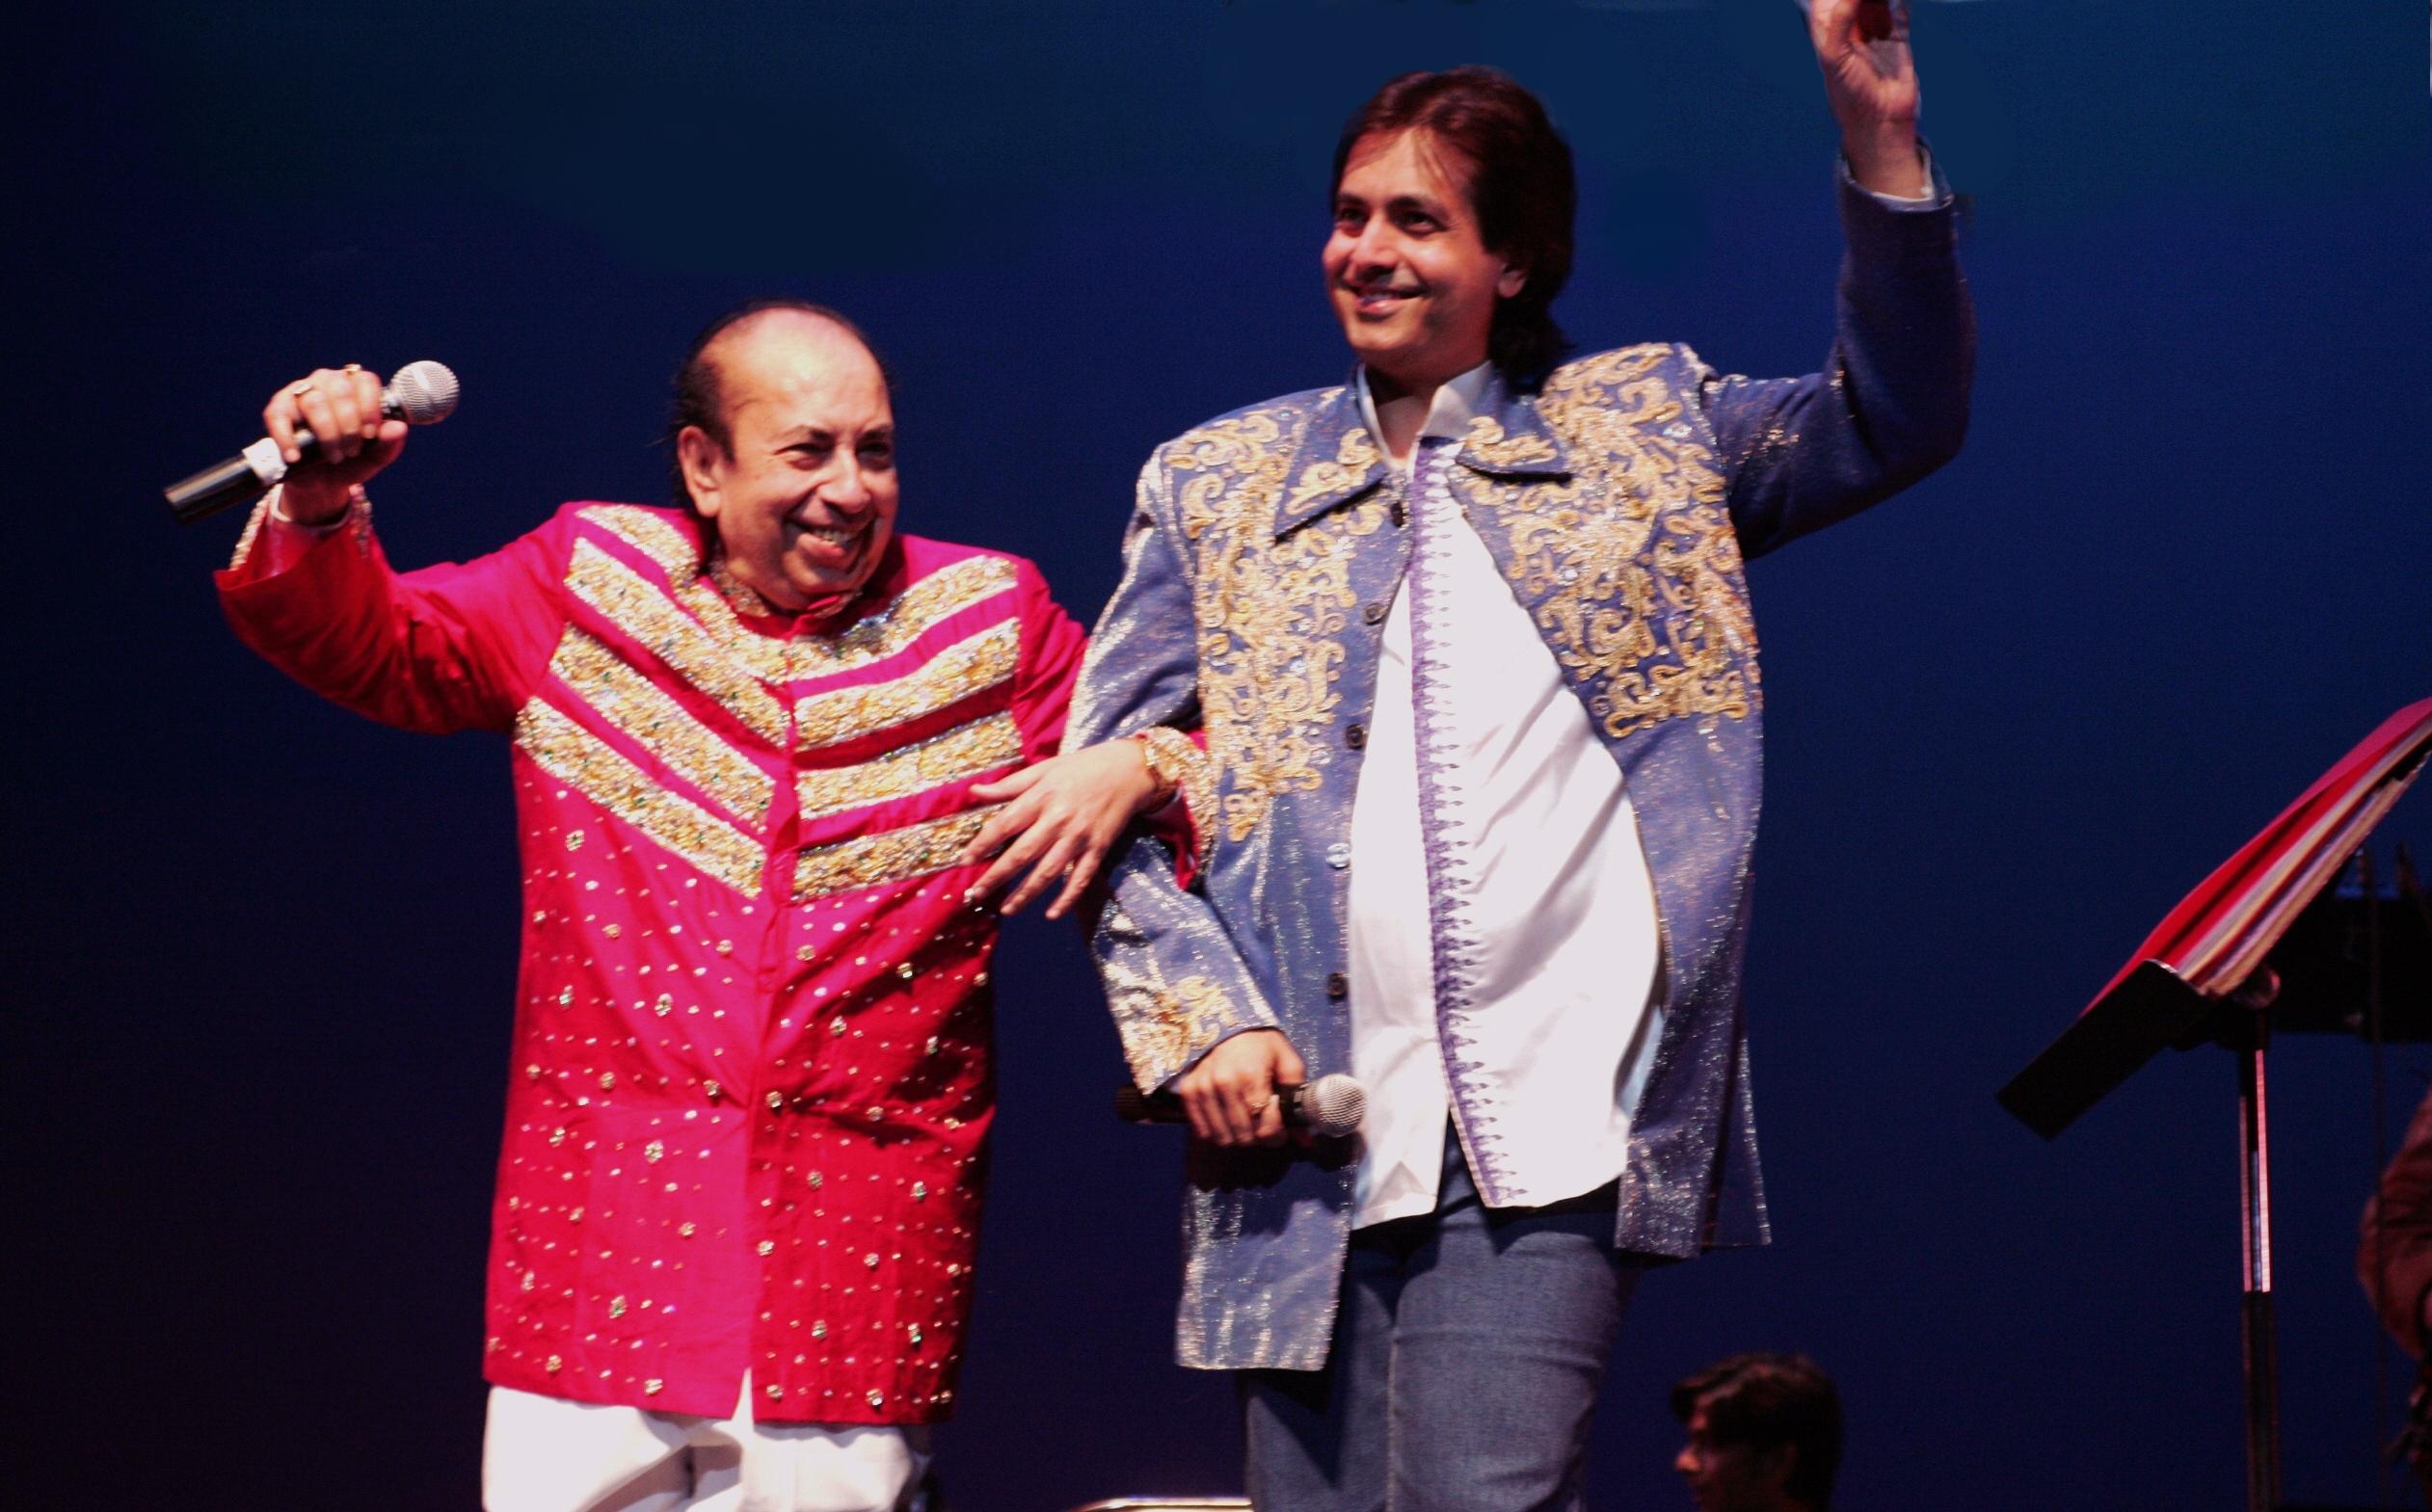 Ruhan sings 'Rangde basanti chola' with Father in San Francisco